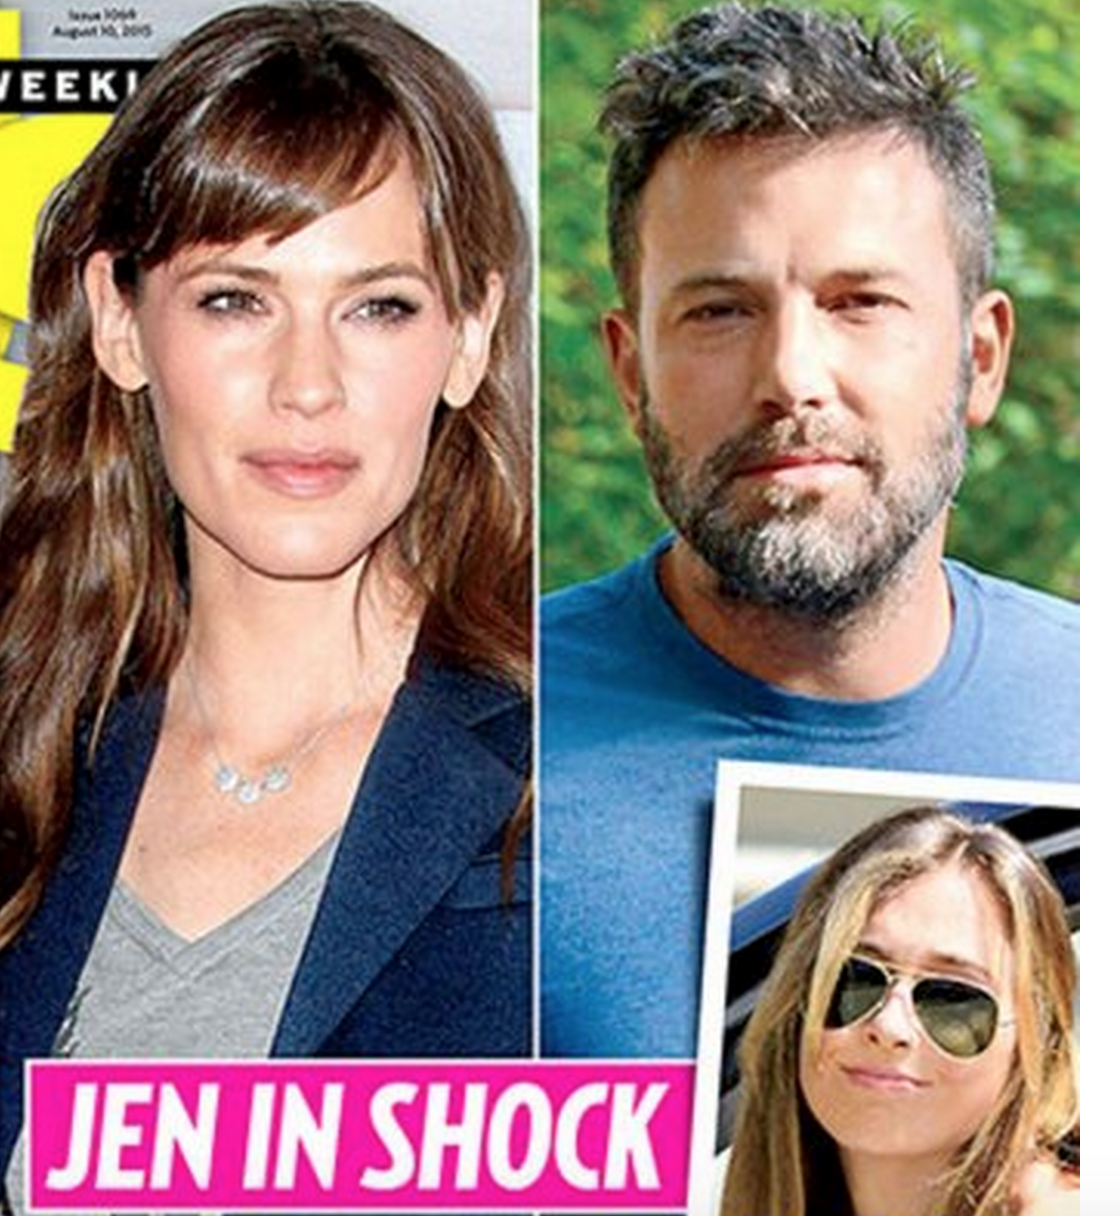 Escándalo en Hollywood: Ben Affleck, ¿infiel con la niñera?